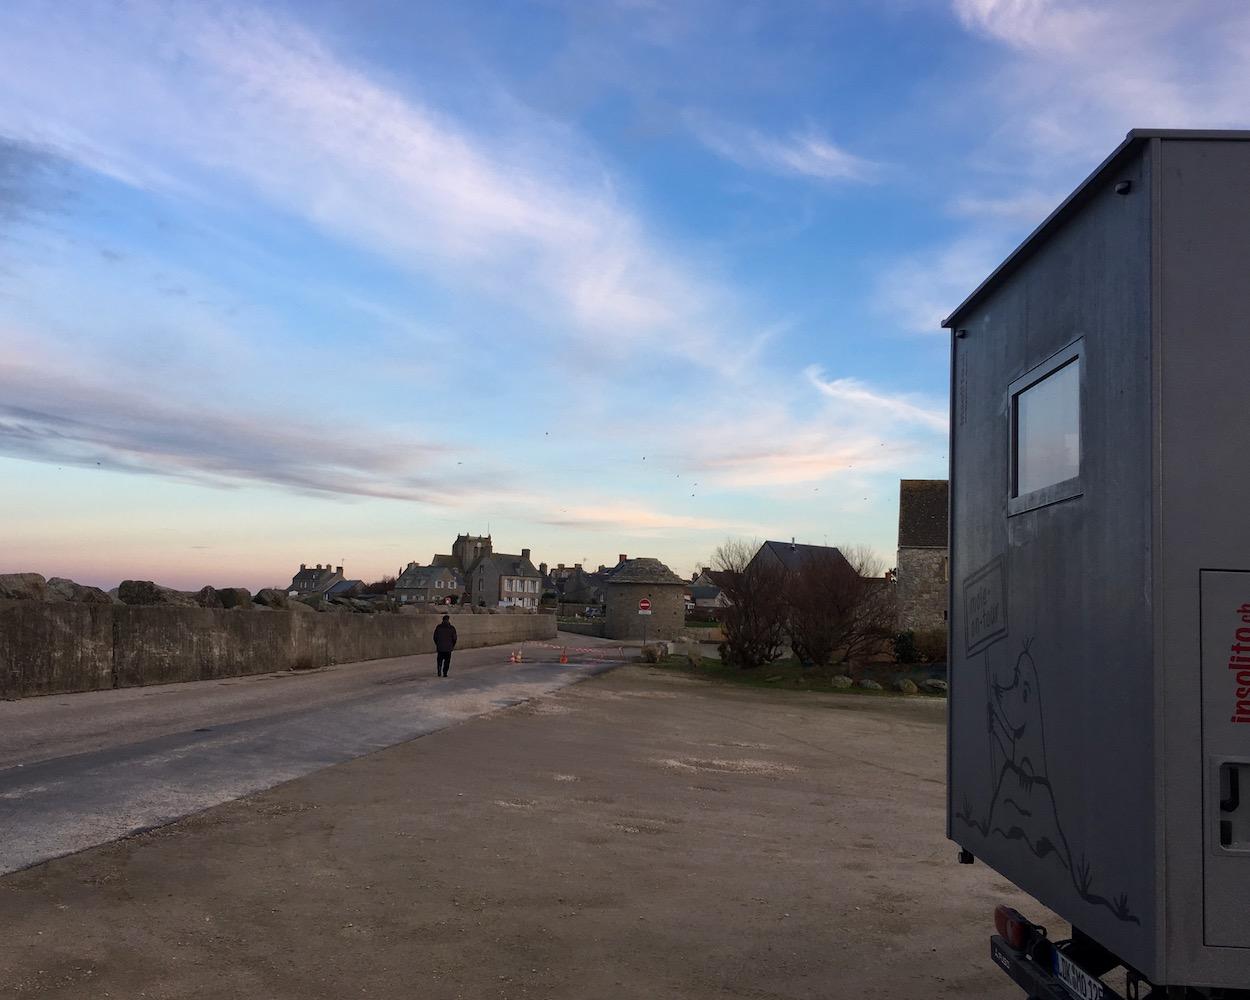 Wohnmobilstellplatz   mole-on-tour Barfleur Cotentin Normandie